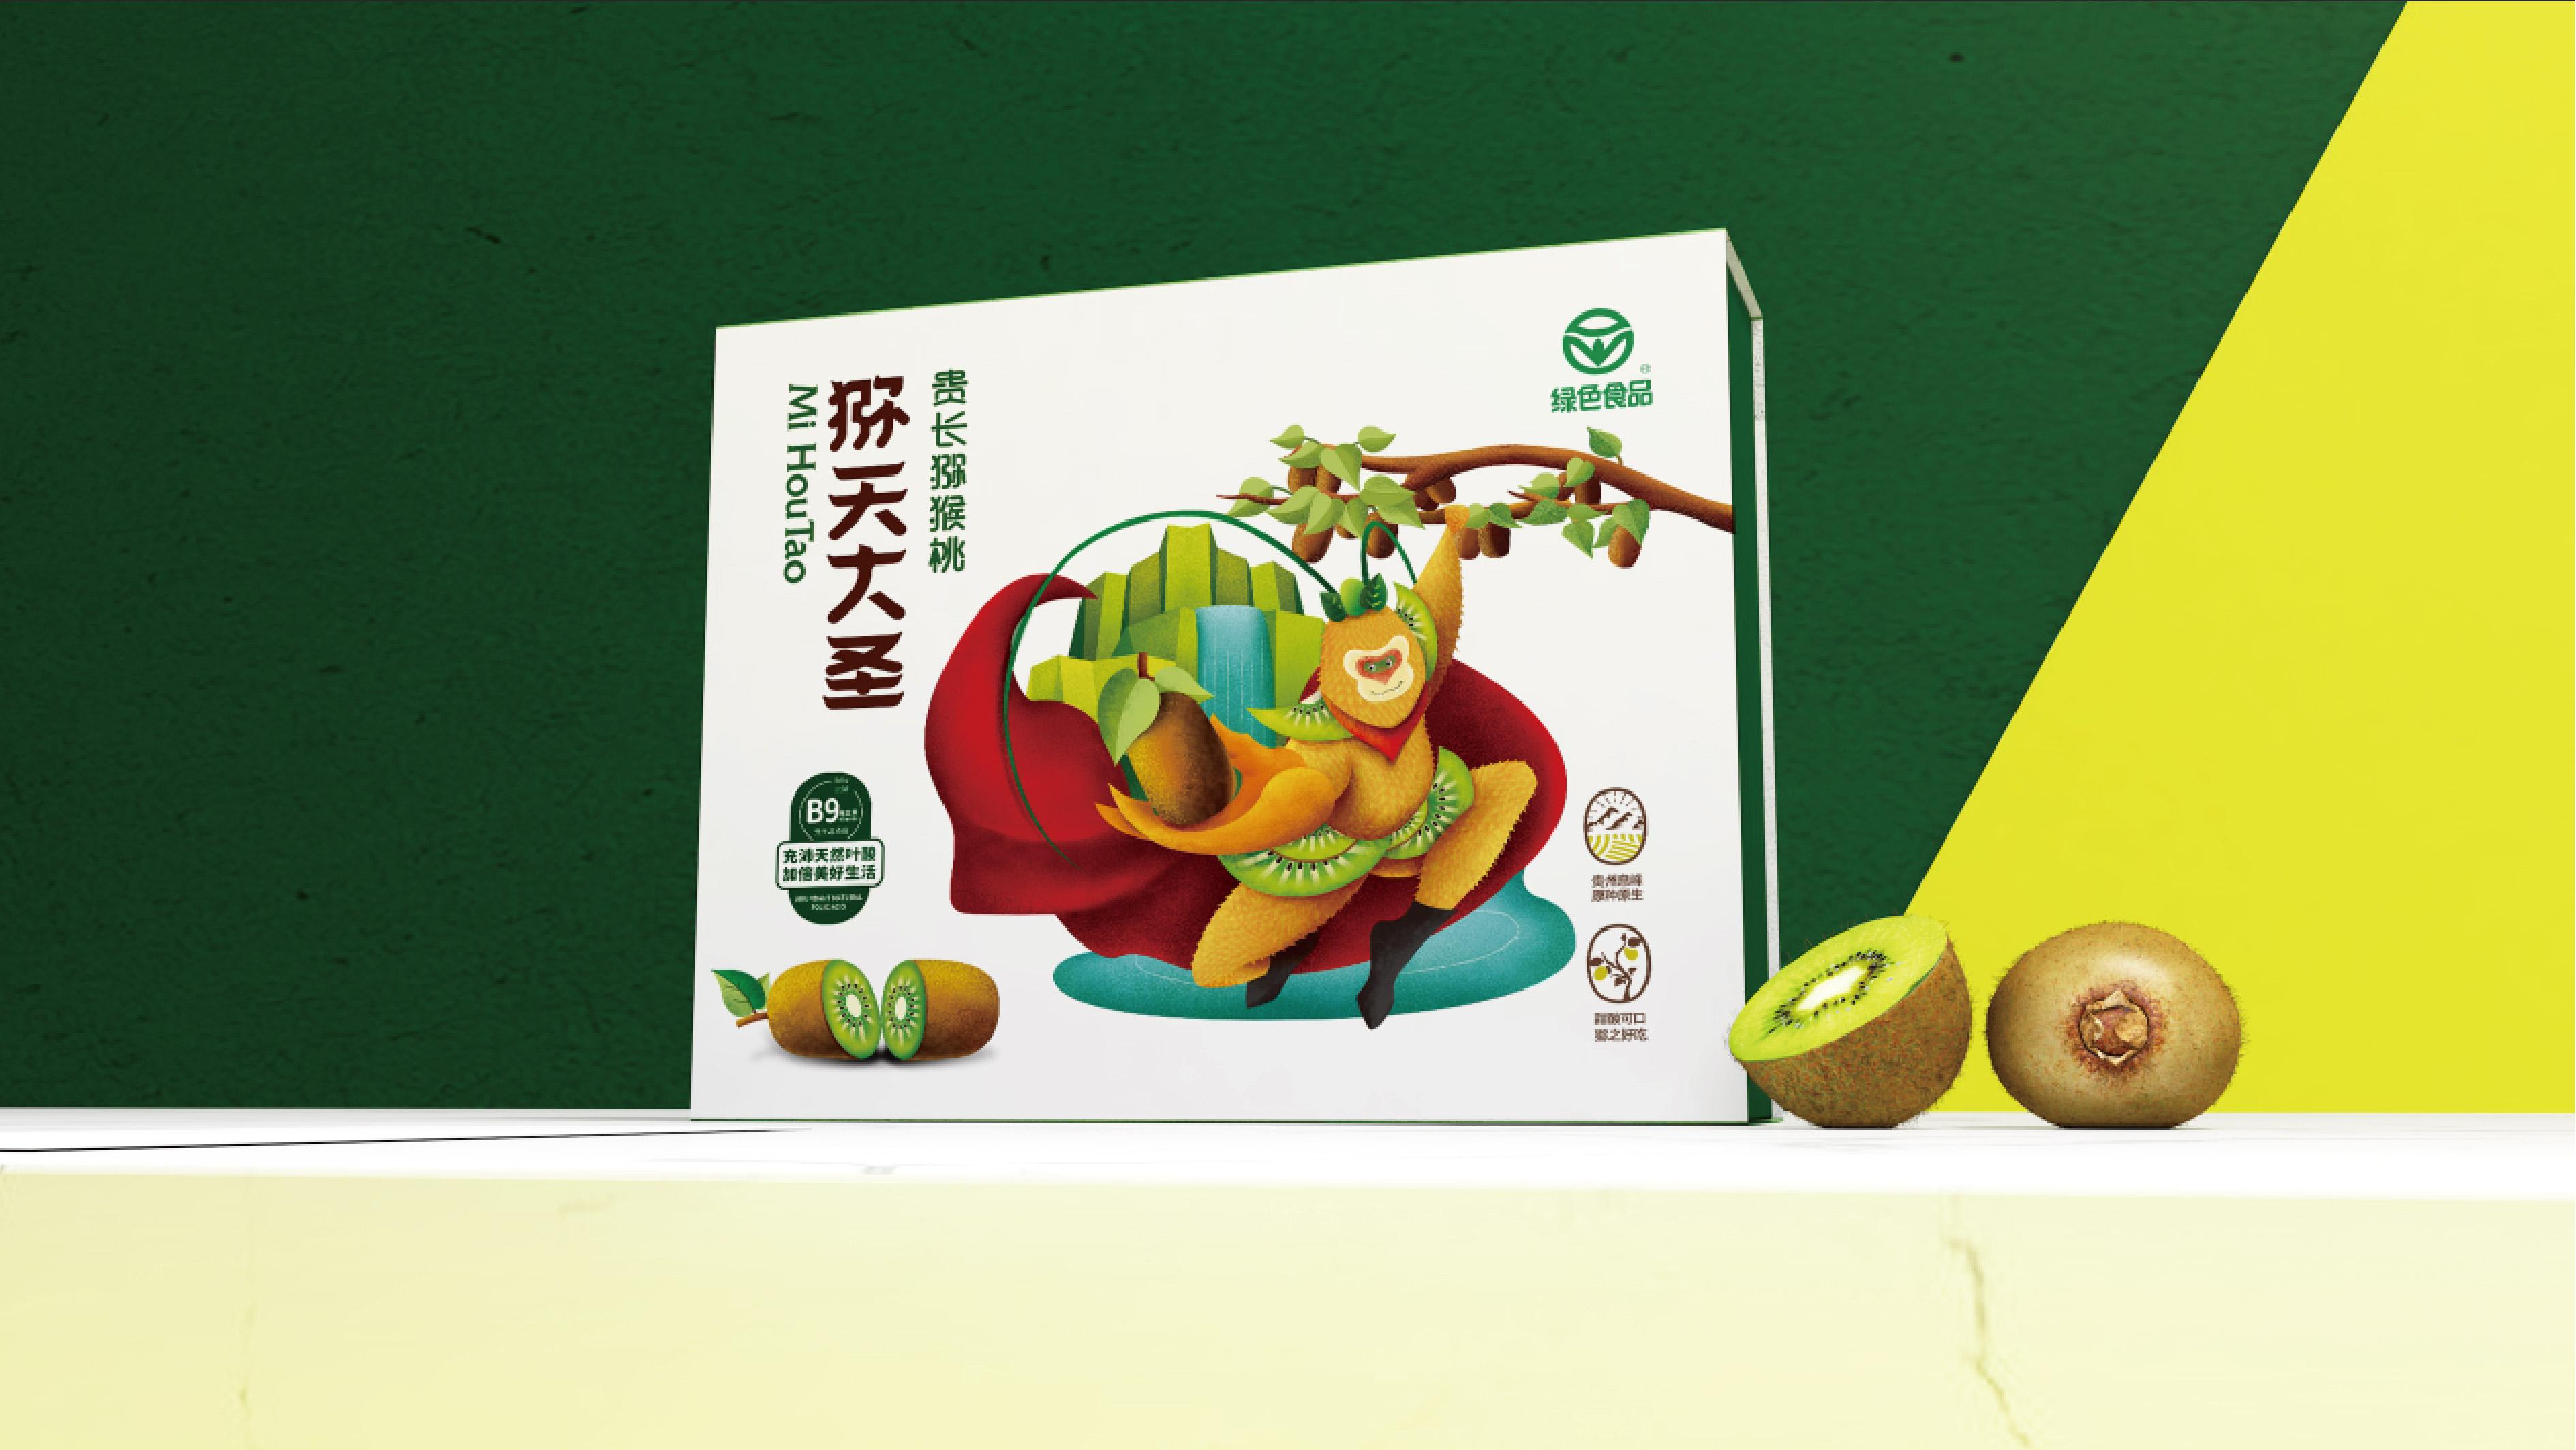 洪9獼猴桃-洪9獼猴桃-04